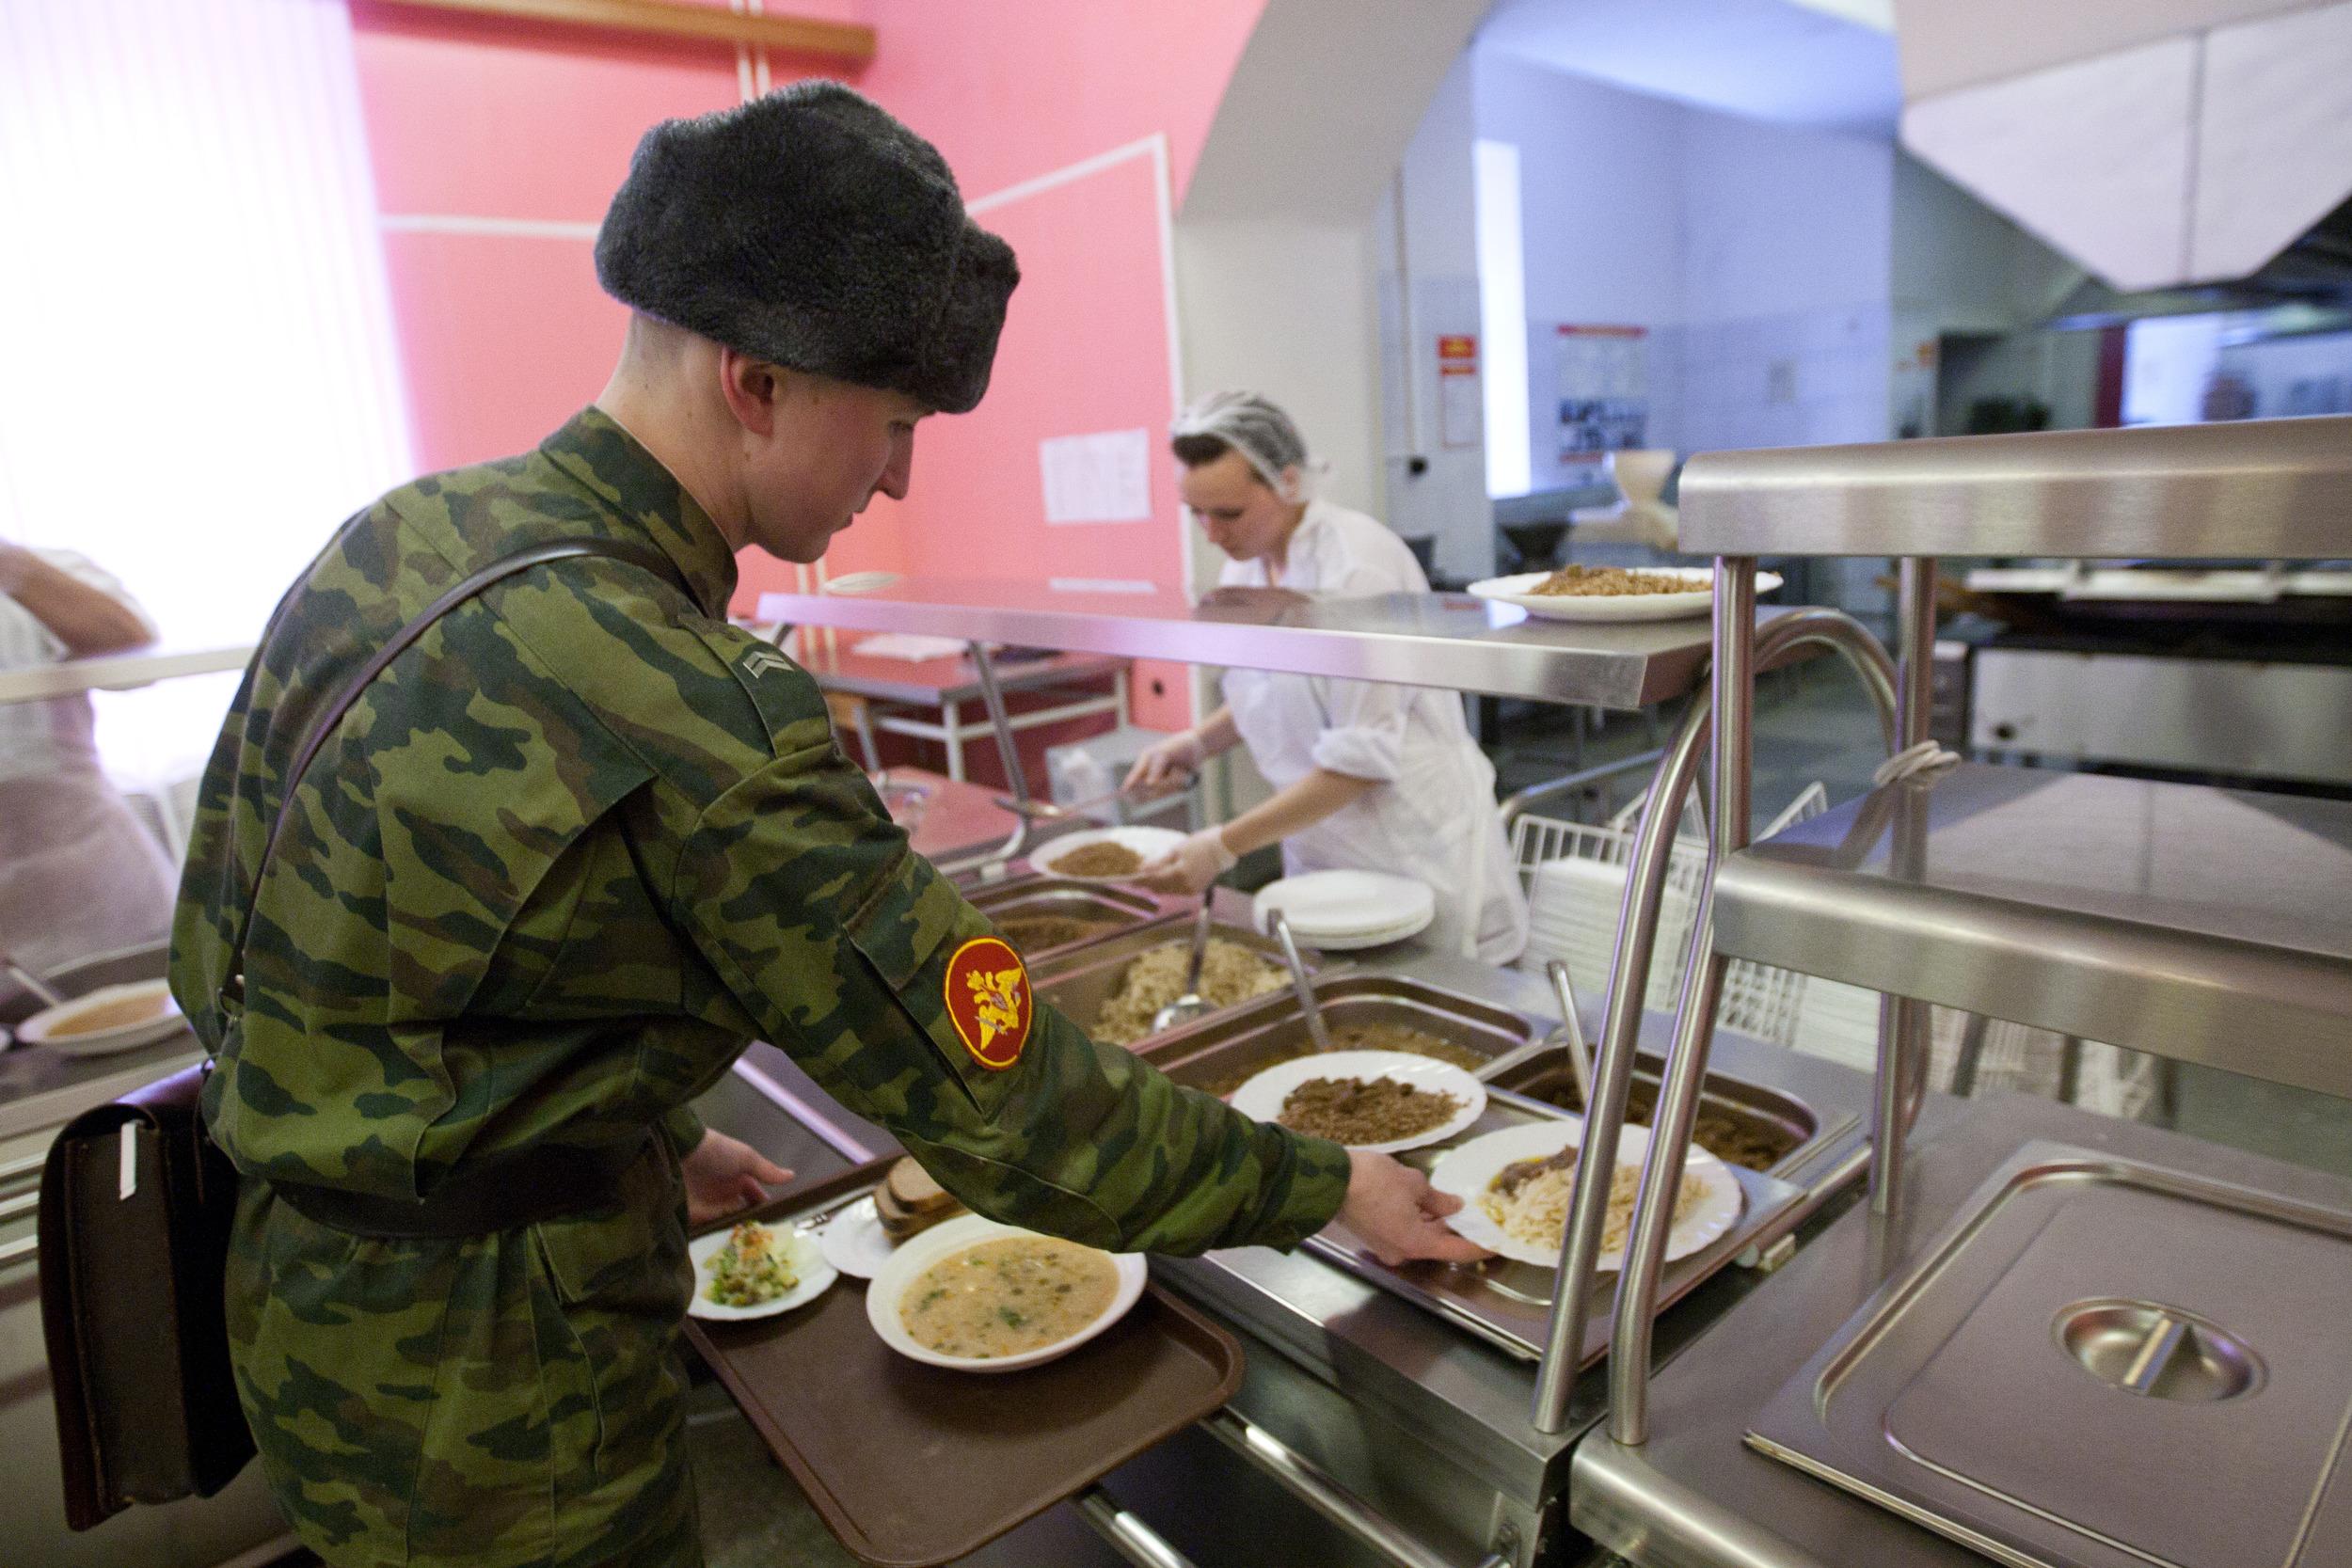 Завтрак в армии